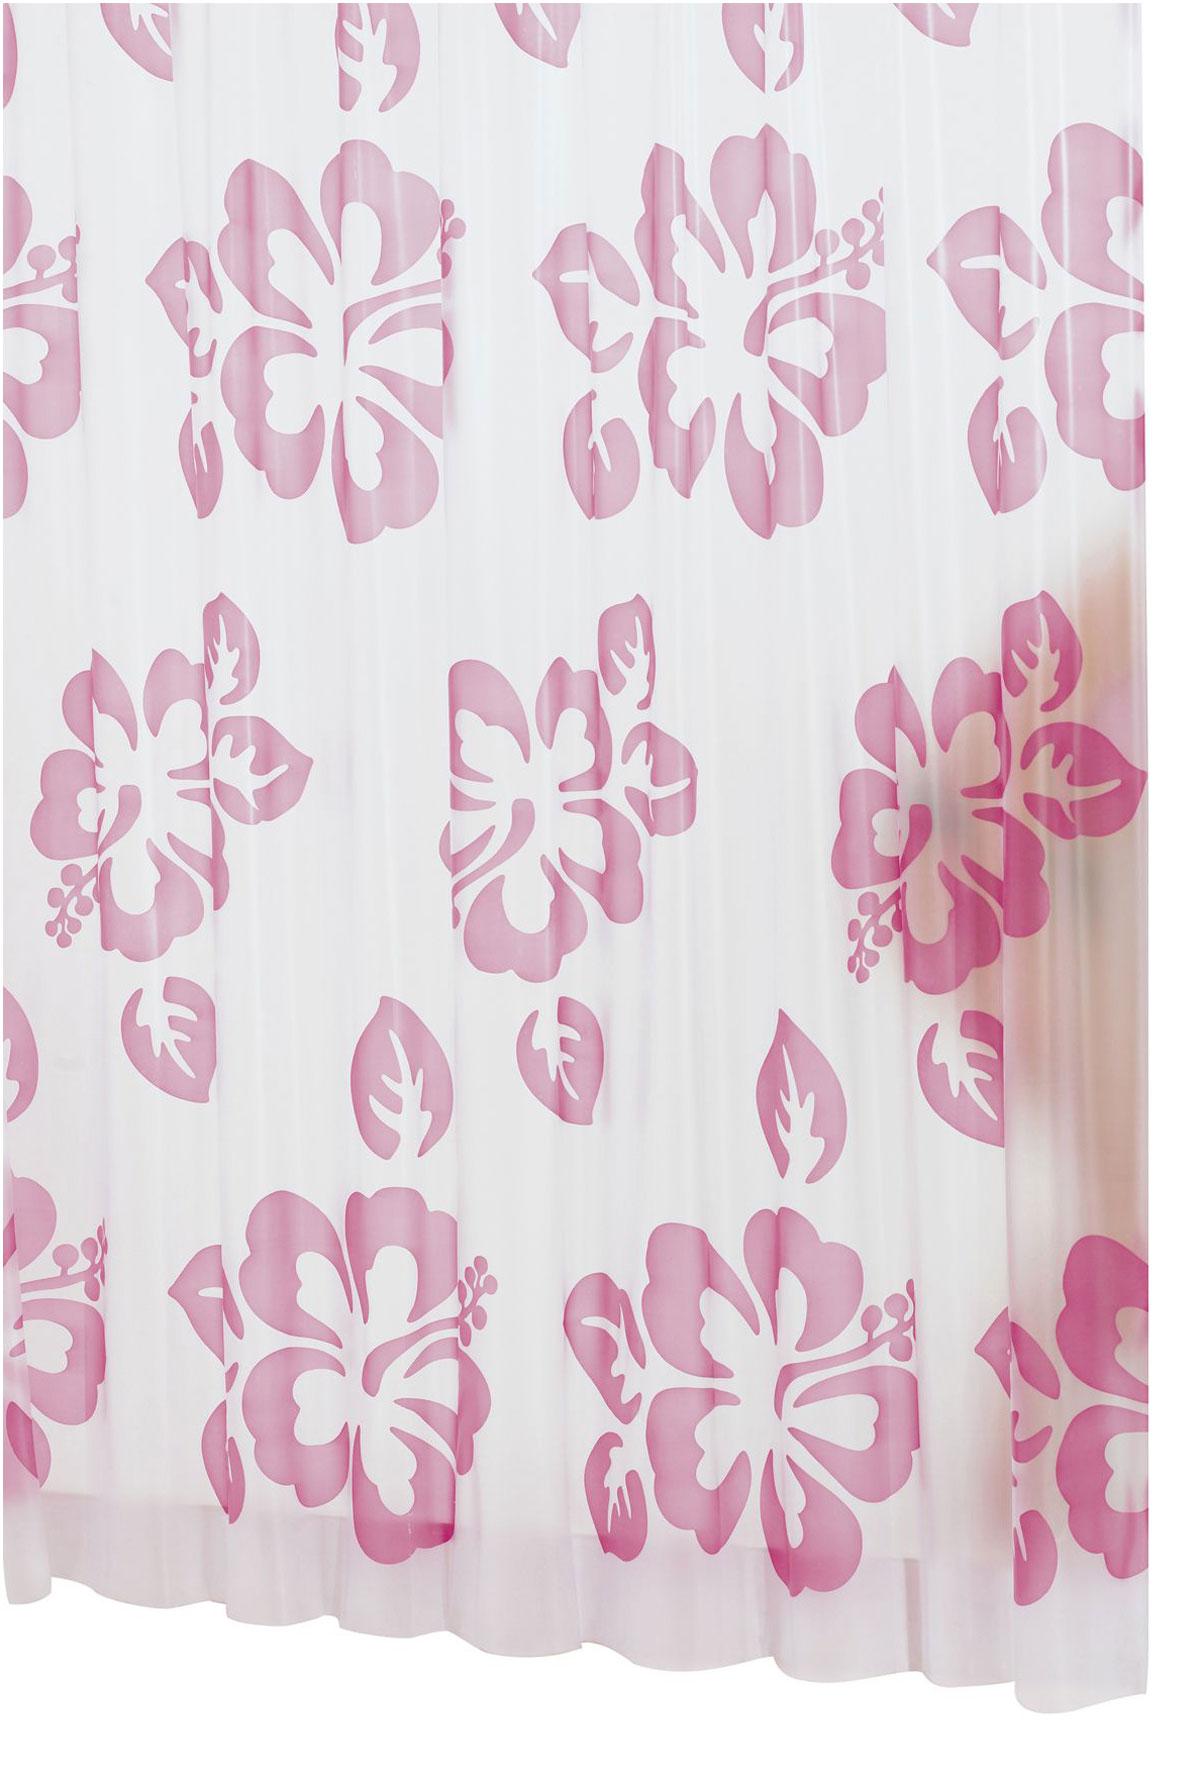 Штора для ванной комнаты Ridder Flowerpower, цвет: розовый, 180 х 200 смK1818-DFВысококачественная немецкая штора для душа создает прекрасное настроение.Продукты из эколена не имеют запаха и считаются экологически чистыми.Ручная стирка. Не гладить.